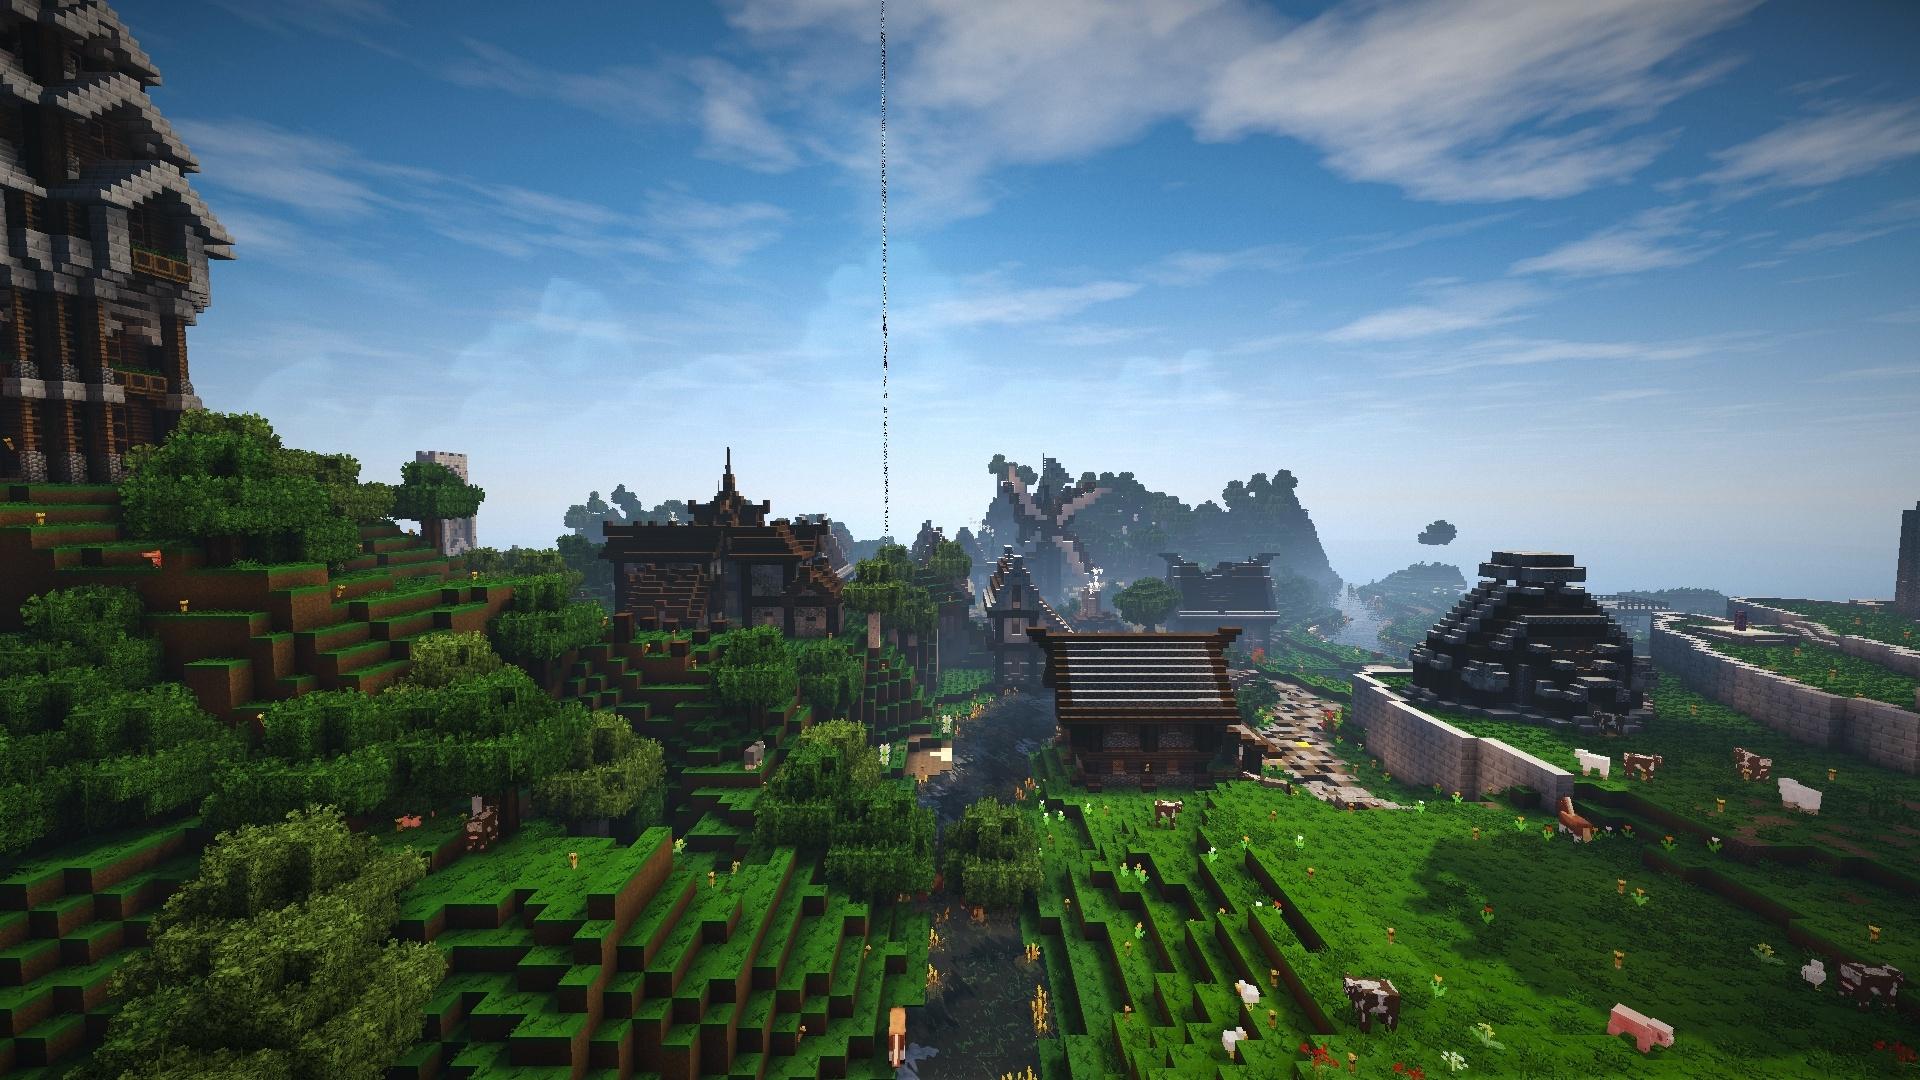 Voici le village qui accompagne la tour.